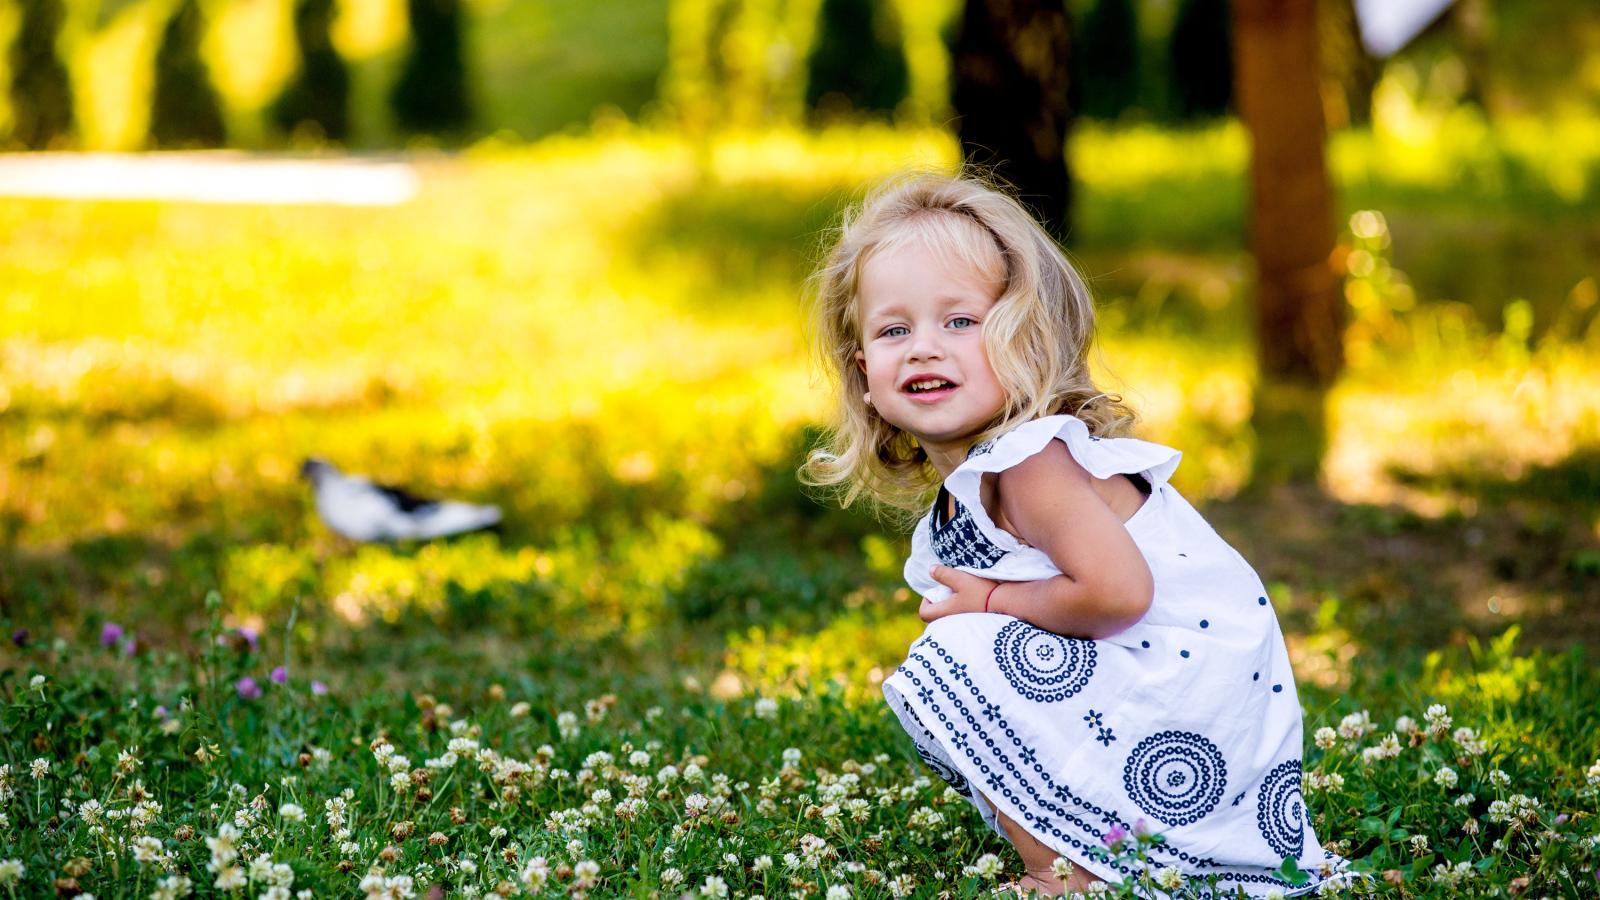 красивые фото с детьми на траве цифровой